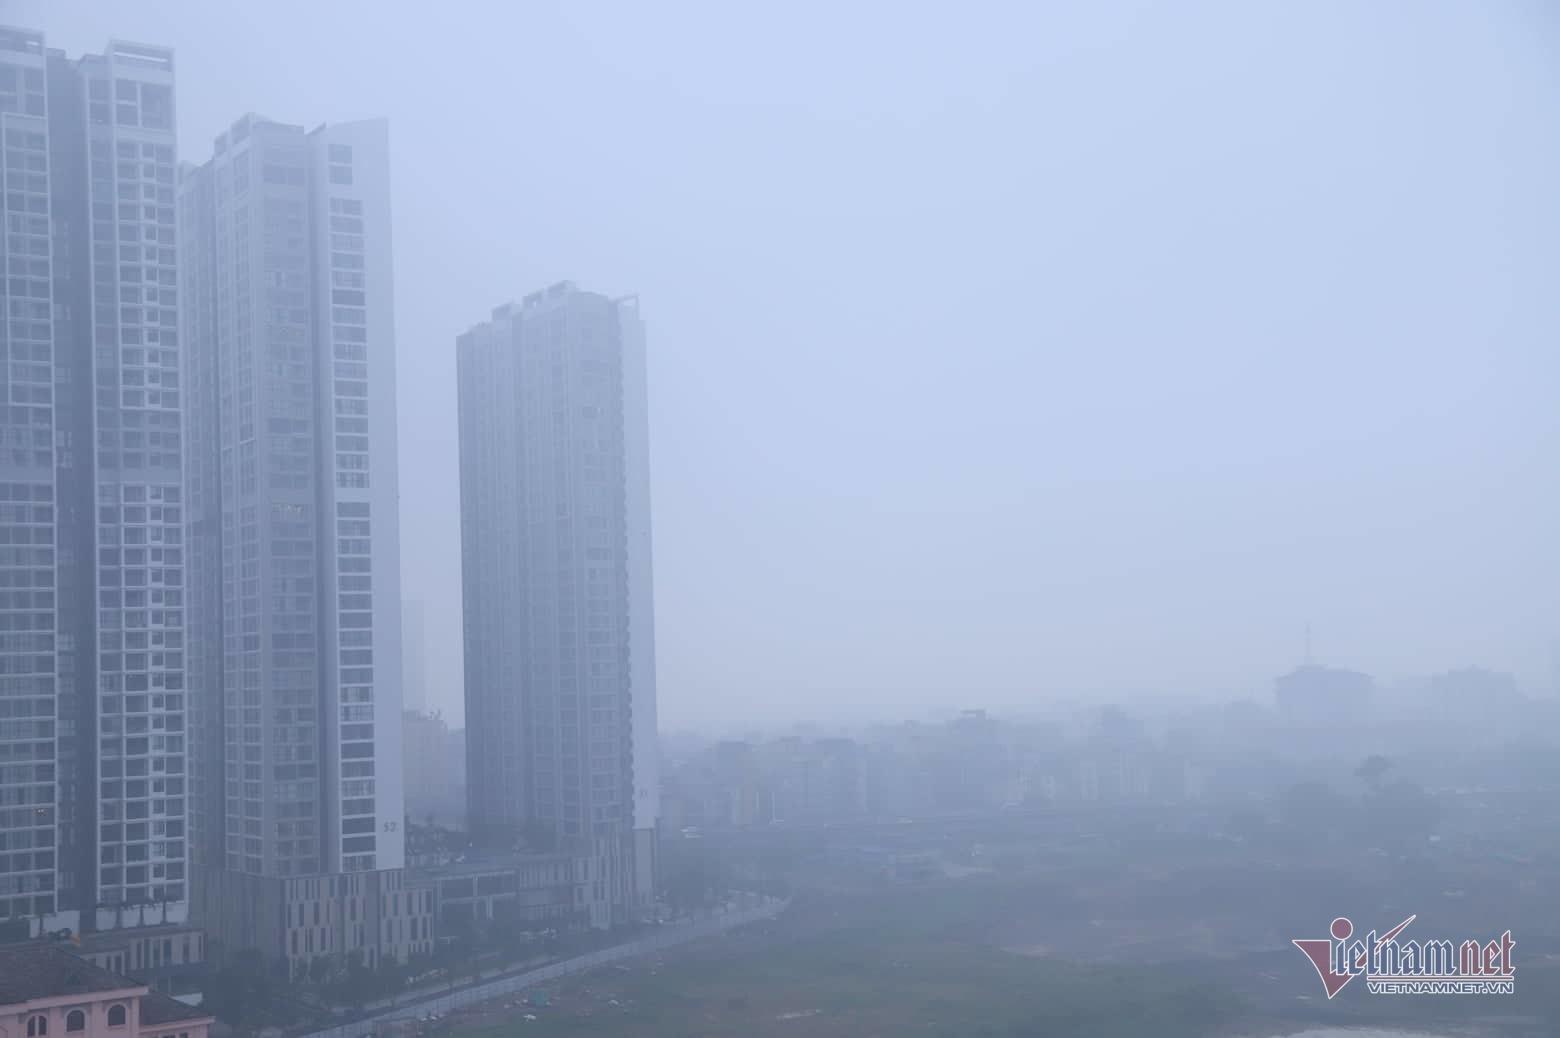 Sương mù giăng phủ Hà Nội, cao ốc mất hút Ảnh 13